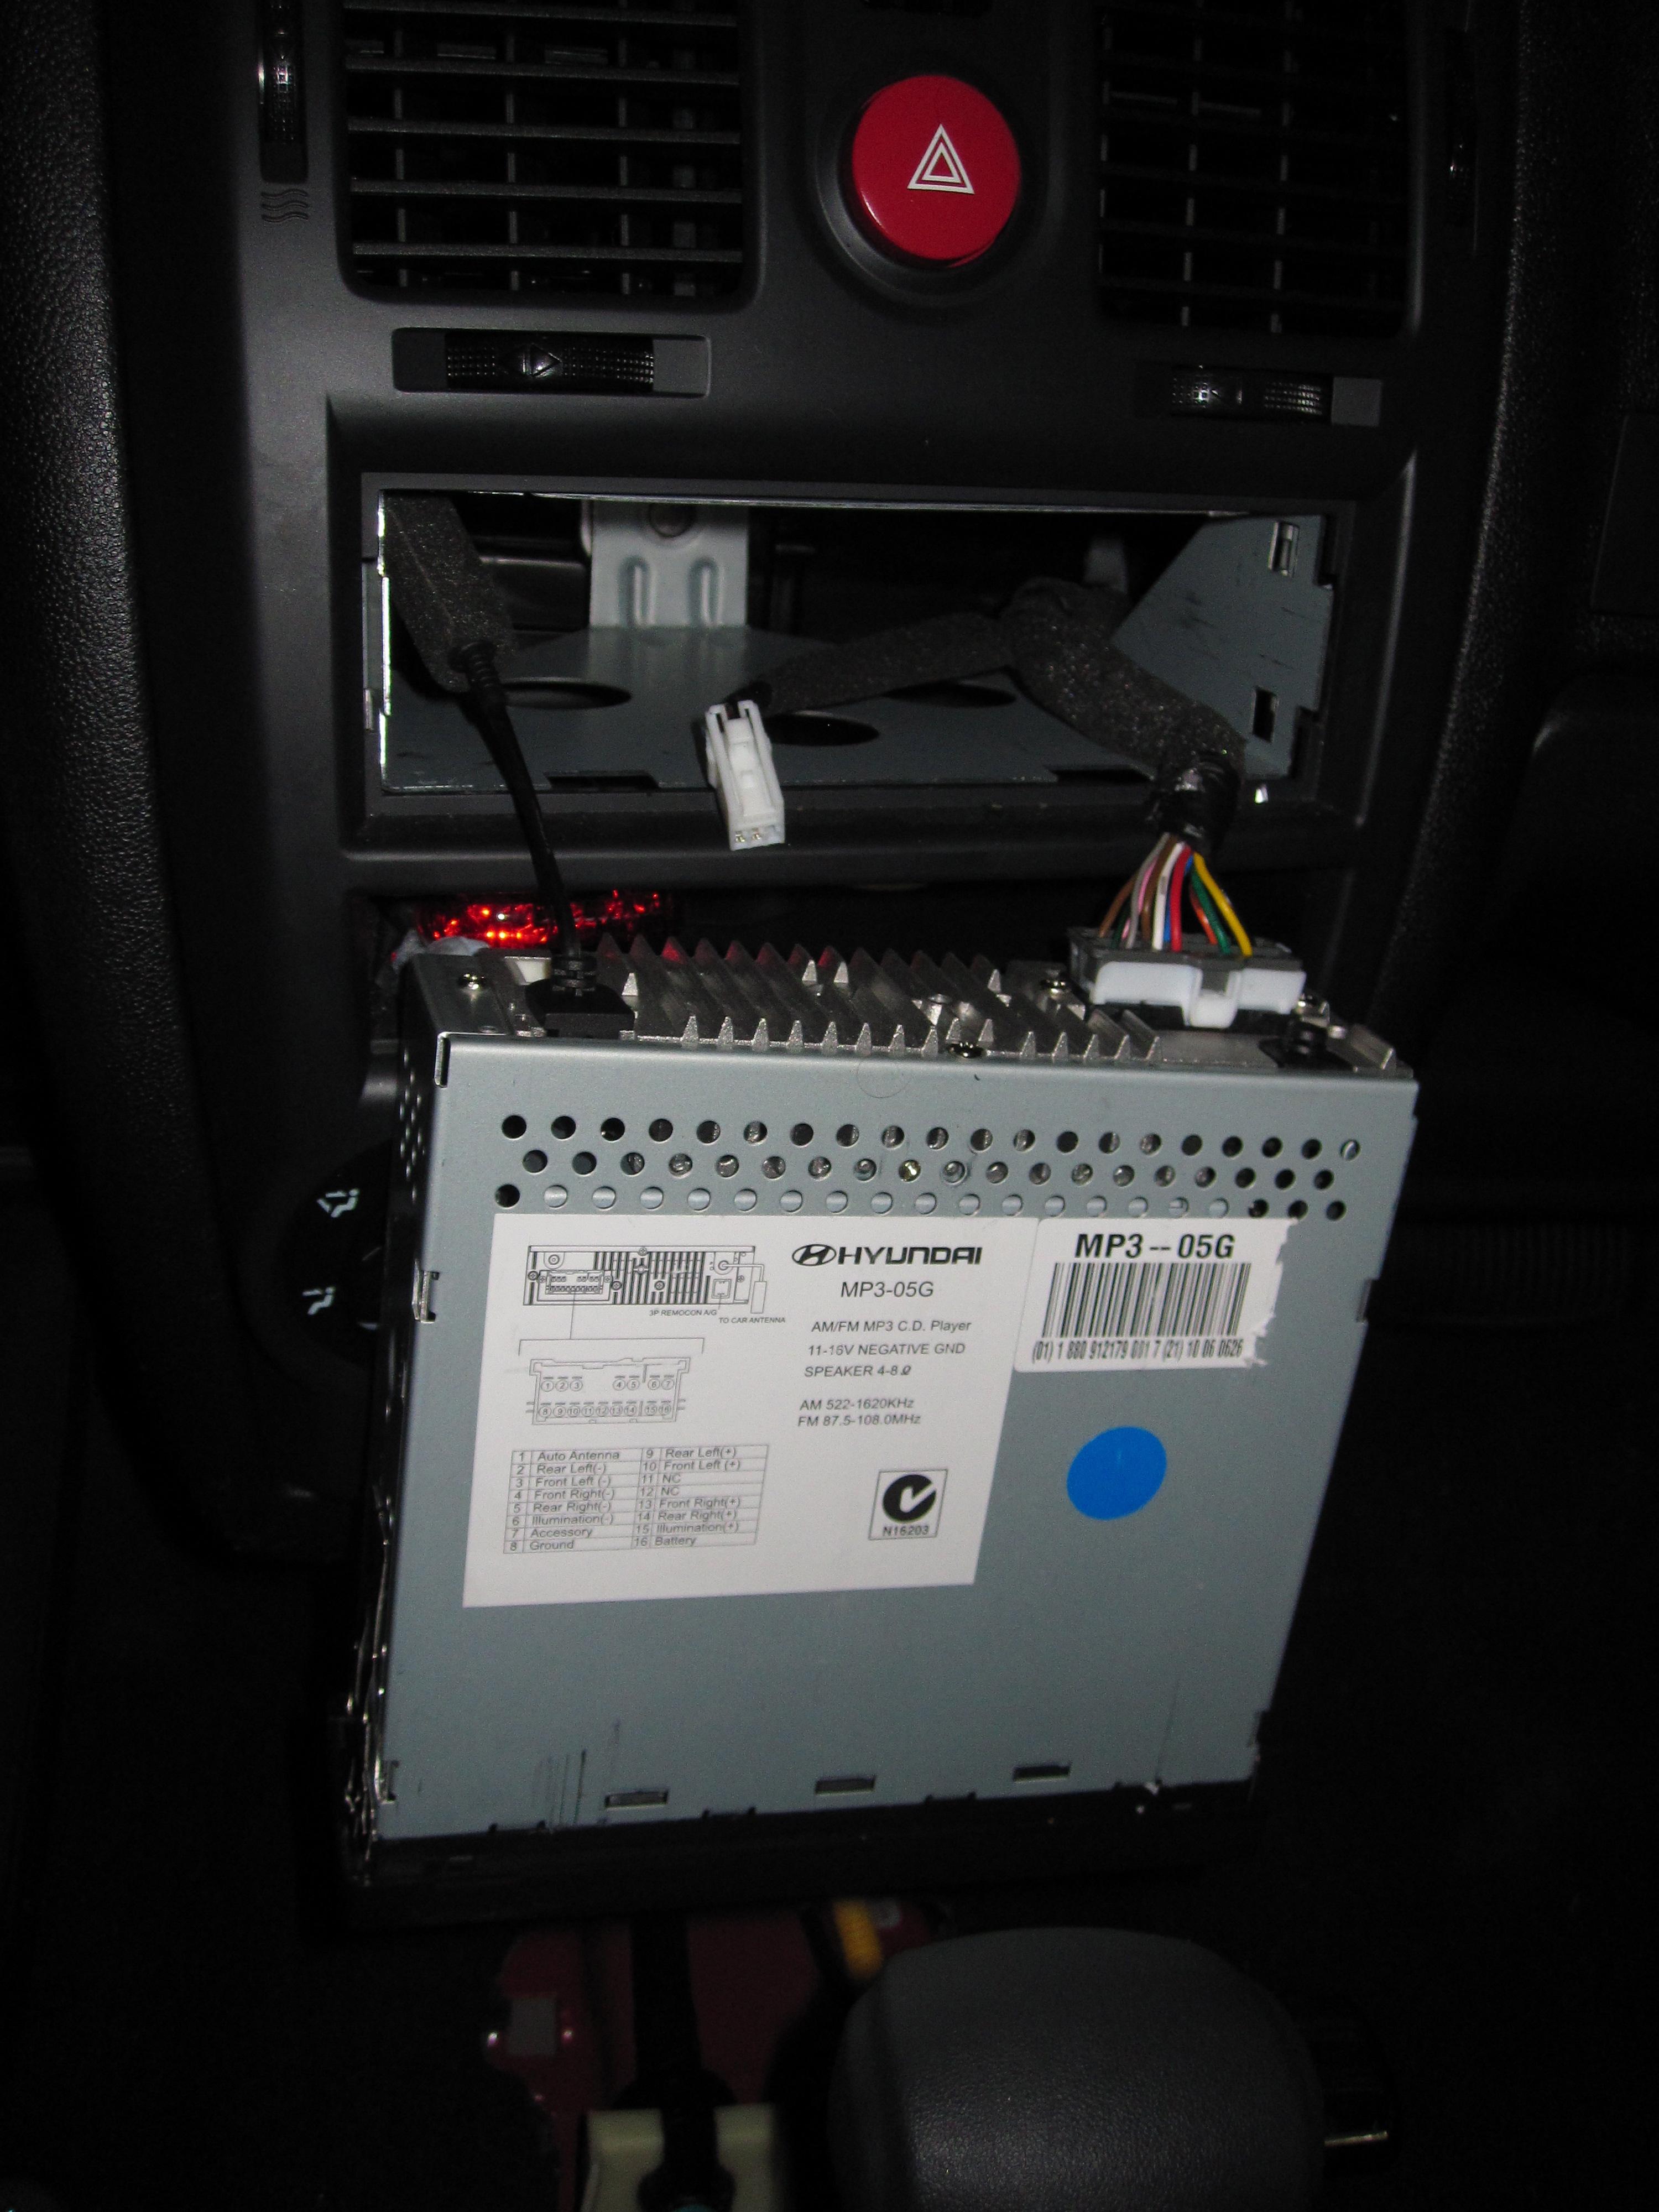 2001 hyundai elantra car stereo radio wiring diagram fantastic 2005 hyundai elantra radio wiring diagram [ 3000 x 4000 Pixel ]